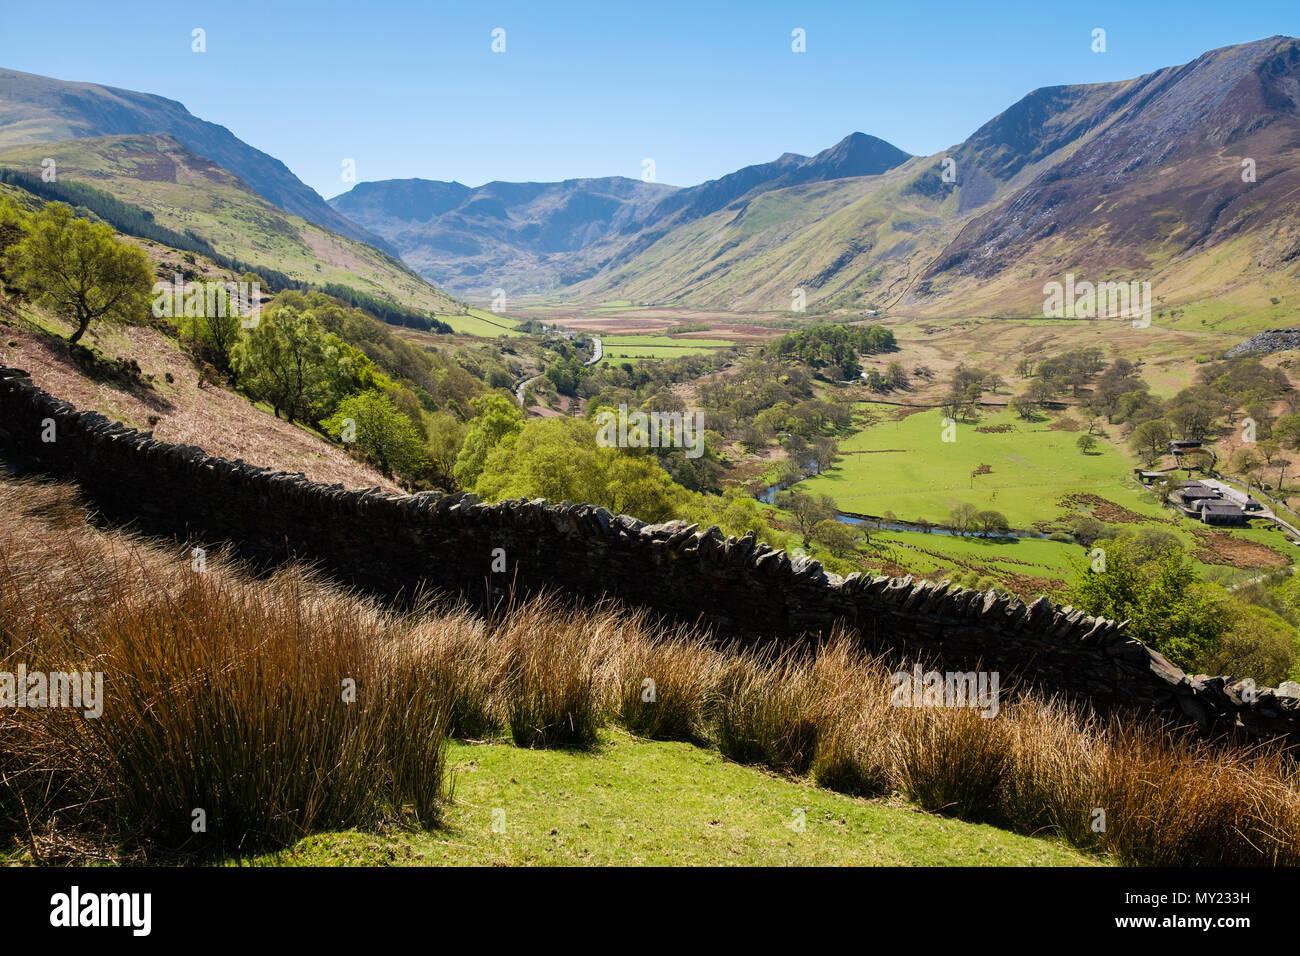 Ver arriba Nant Ffrancon Glyderau valle hacia las montañas del Parque Nacional de Snowdonia (Eryri) en verano. Bethesda, Gwynedd, al norte de Gales, Reino Unido, Gran Bretaña Imagen De Stock